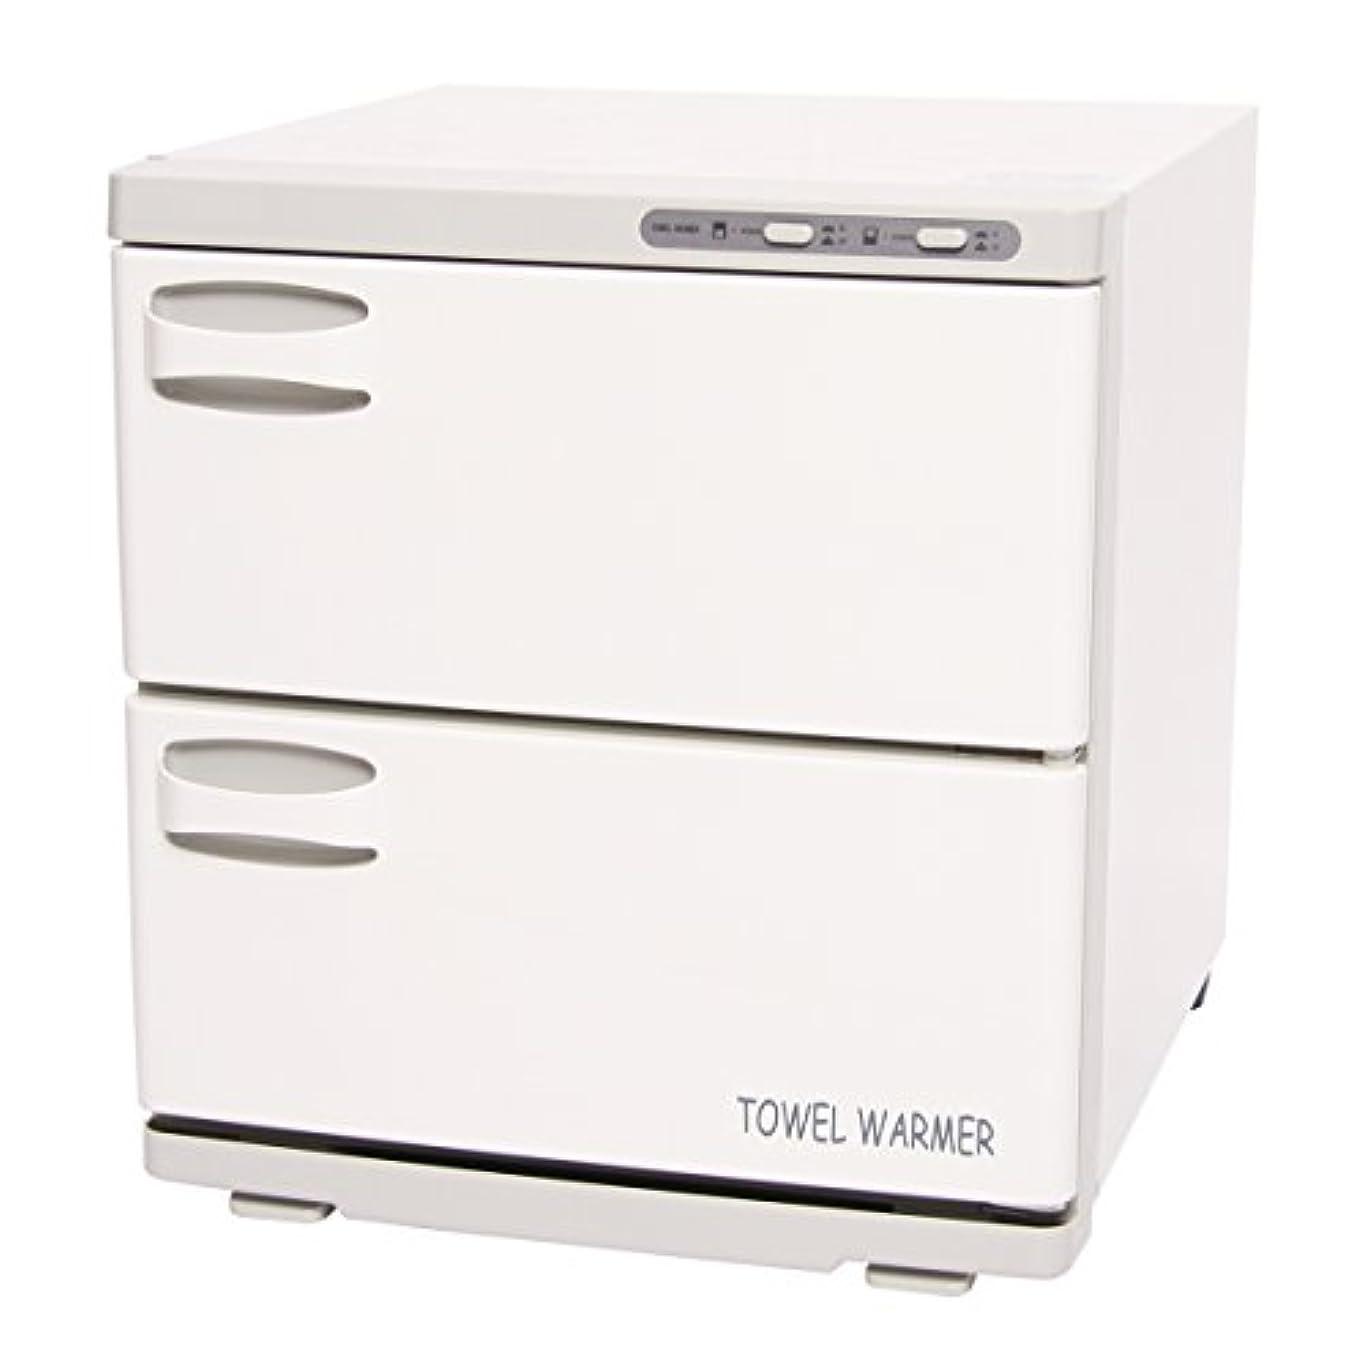 頂点関係するなだめるタオルウォーマー 2ドア (横開き) 32L [ タオル蒸し器 おしぼり蒸し器 タオルスチーマー ホットボックス タオル おしぼり ウォーマー スチーマー 業務用 保温器 ]